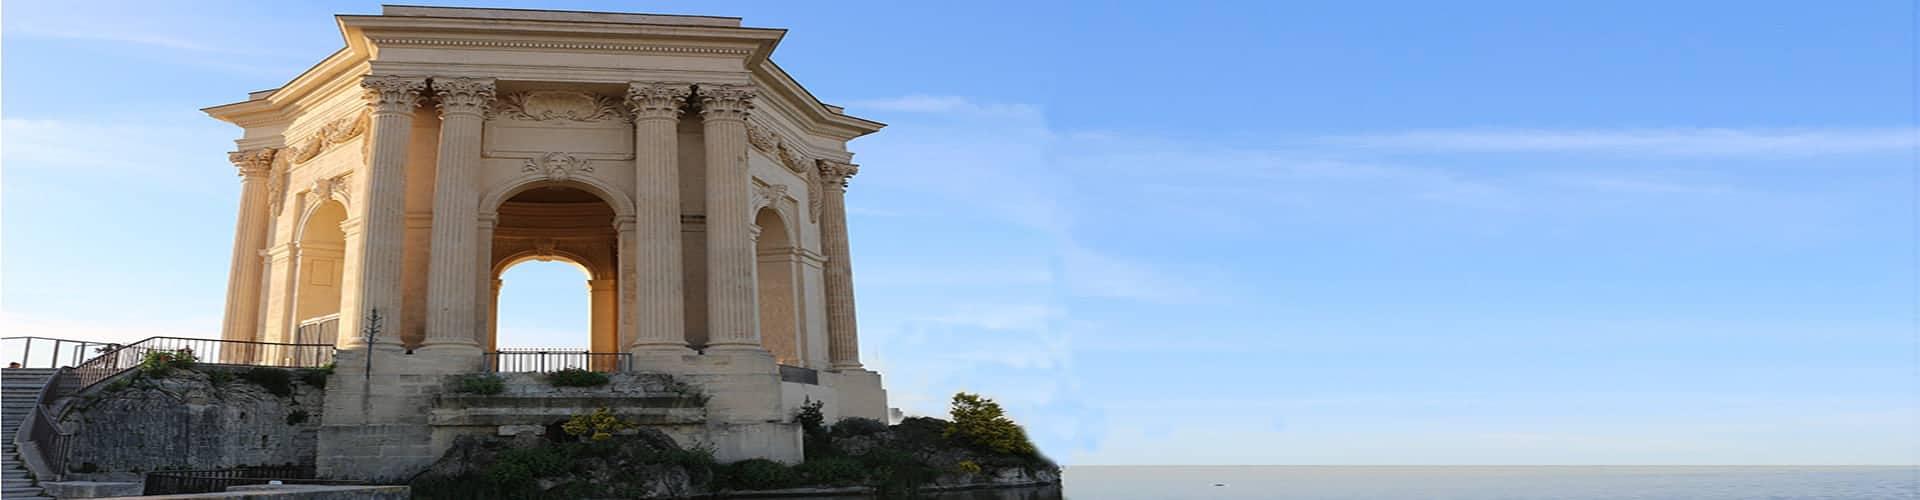 Free Tour Montpellier - Turismo Francia